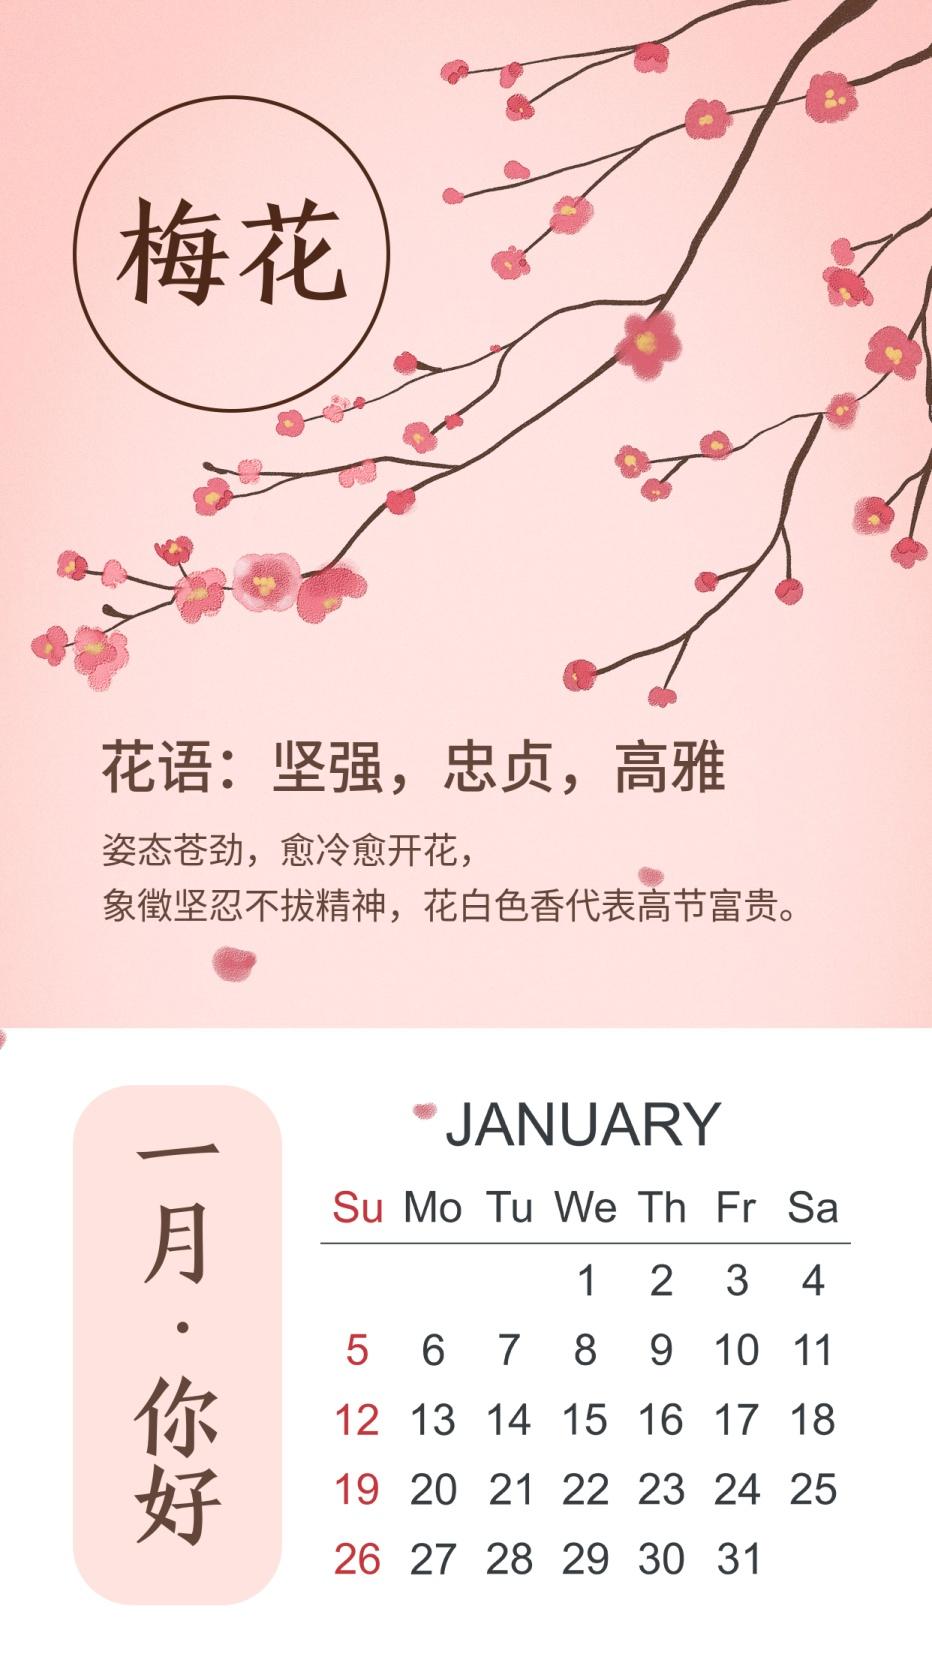 一月你好月初问候1月你好梅花日历手机海报